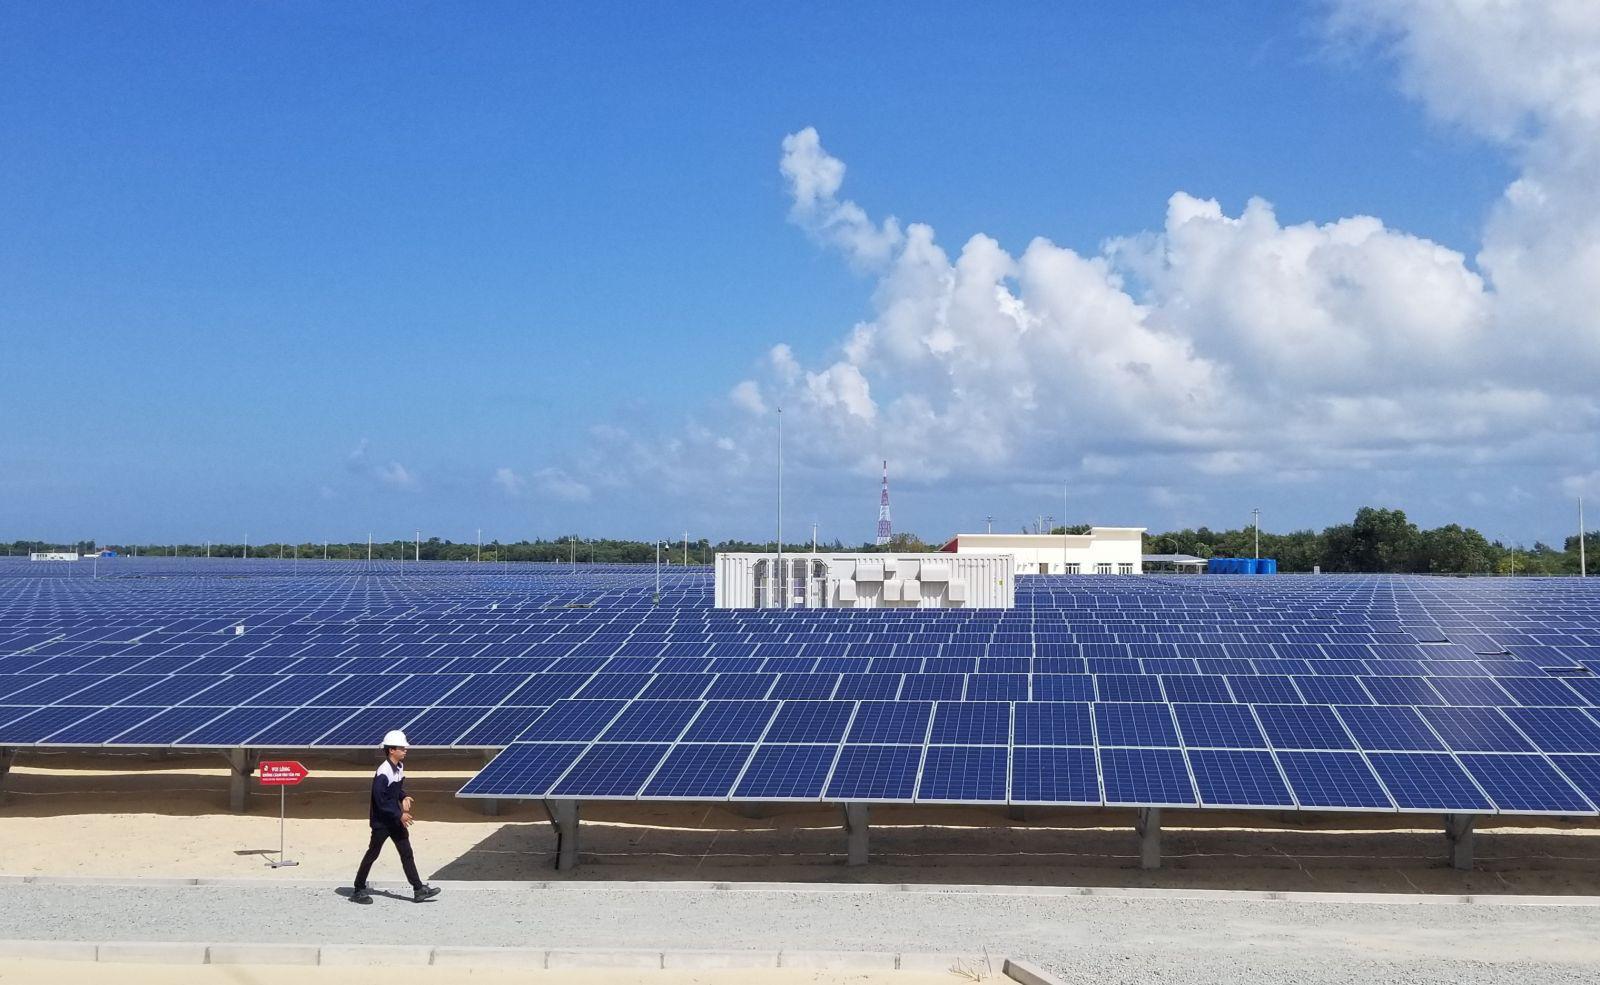 Công ty năng lượng Thái Lan có thể đầu tư tới 457 triệu USD vào 4 dự án điện mặt trời tại Bình Phước - Ảnh 1.